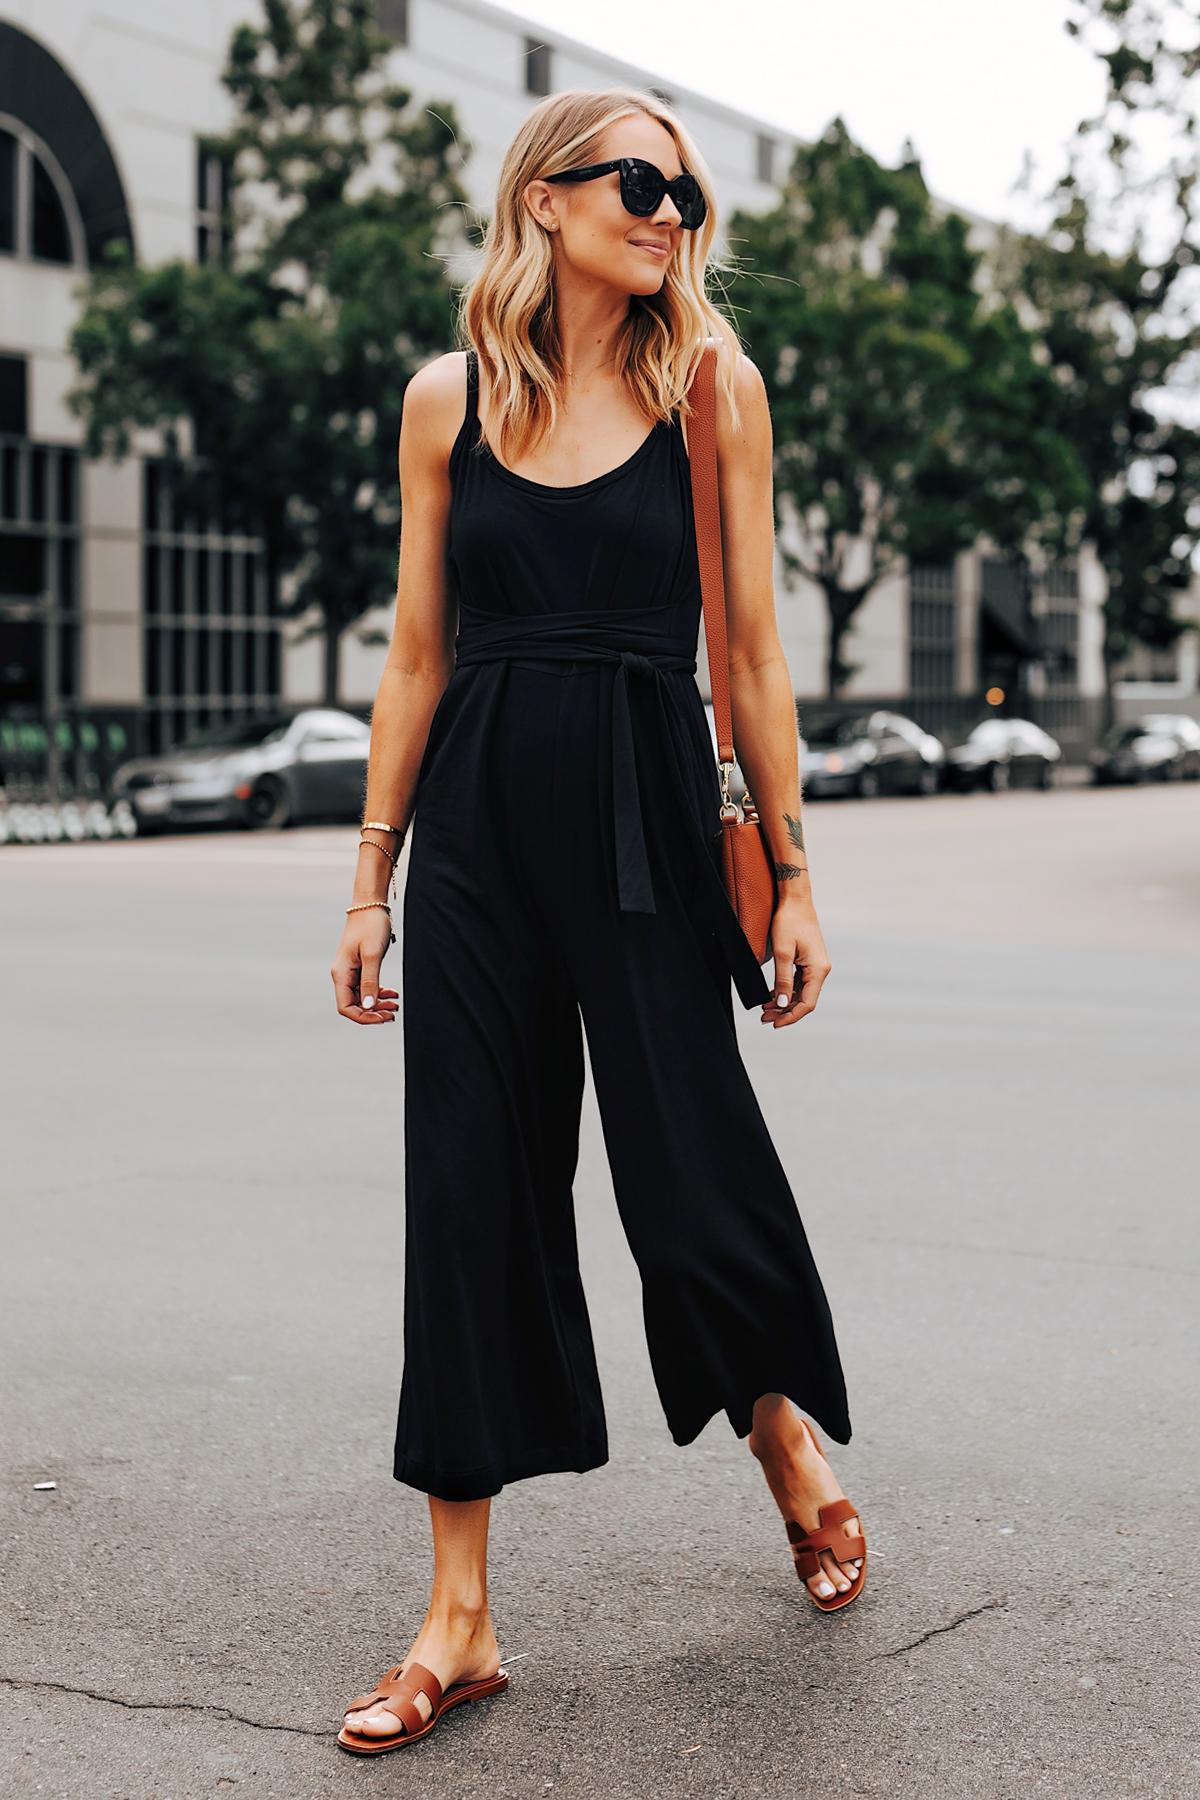 Cô gái mặc jumpsuit đen, mang dép nữ quai ngang màu nâu